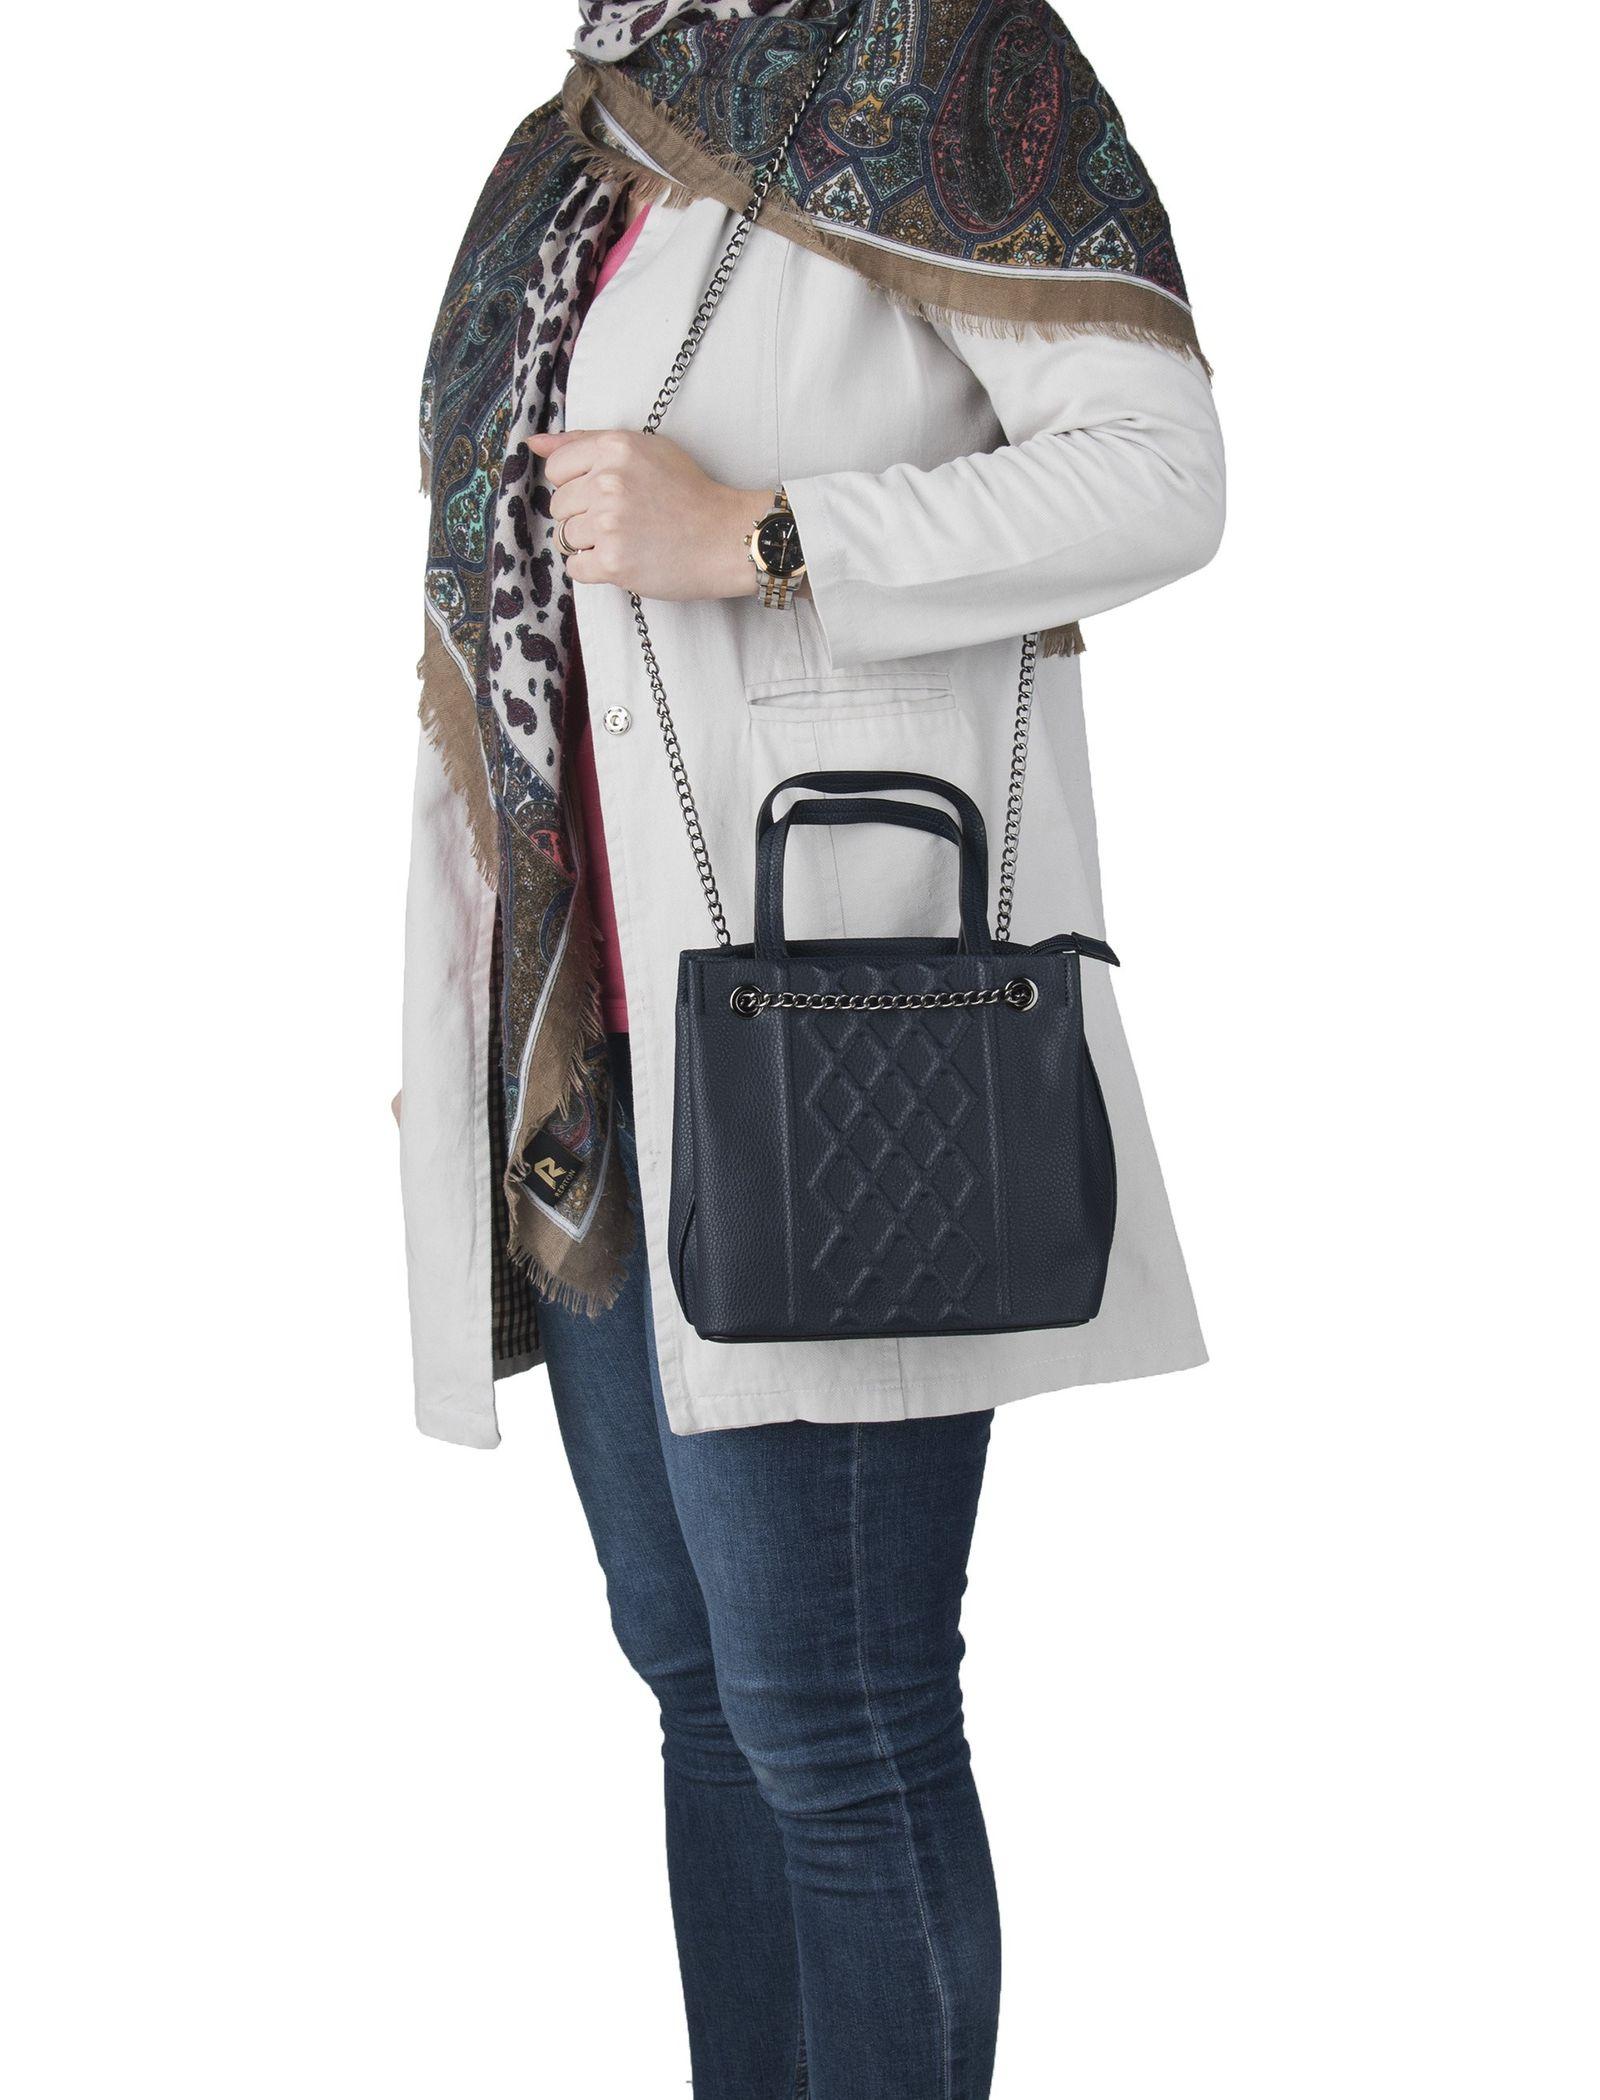 کیف دستی روزمره زنانه - جانی اند جانی تک سایز - سرمه اي - 2